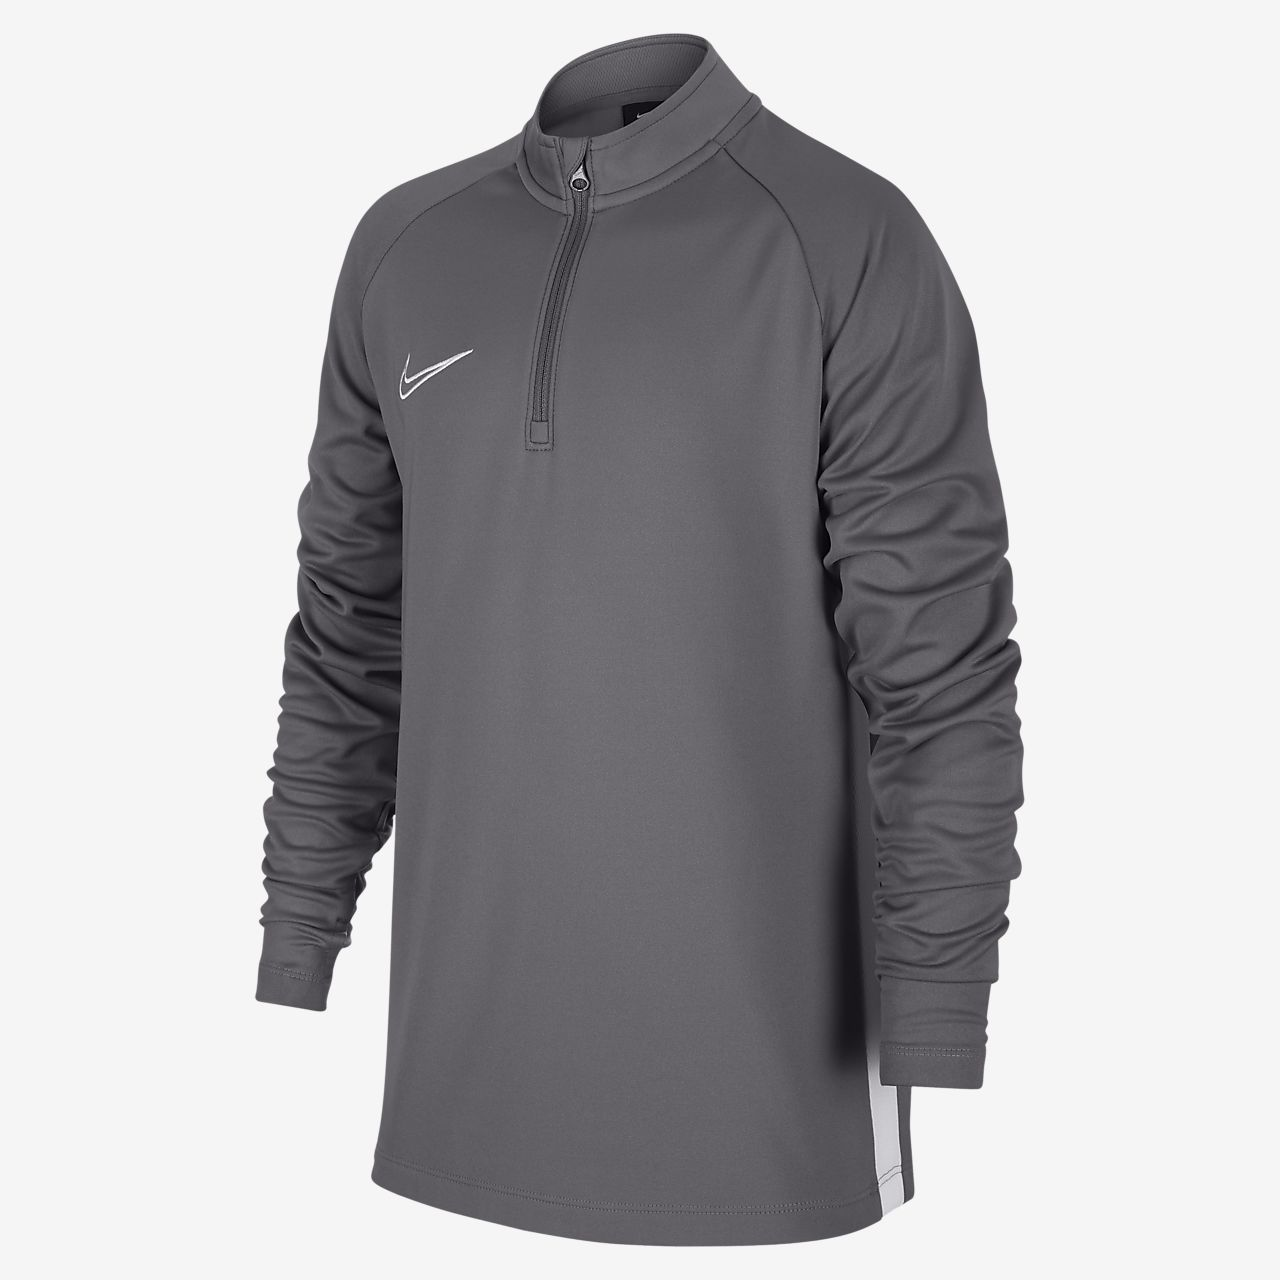 Nike Dri-FIT Academy Older Kids' Football Drill Top